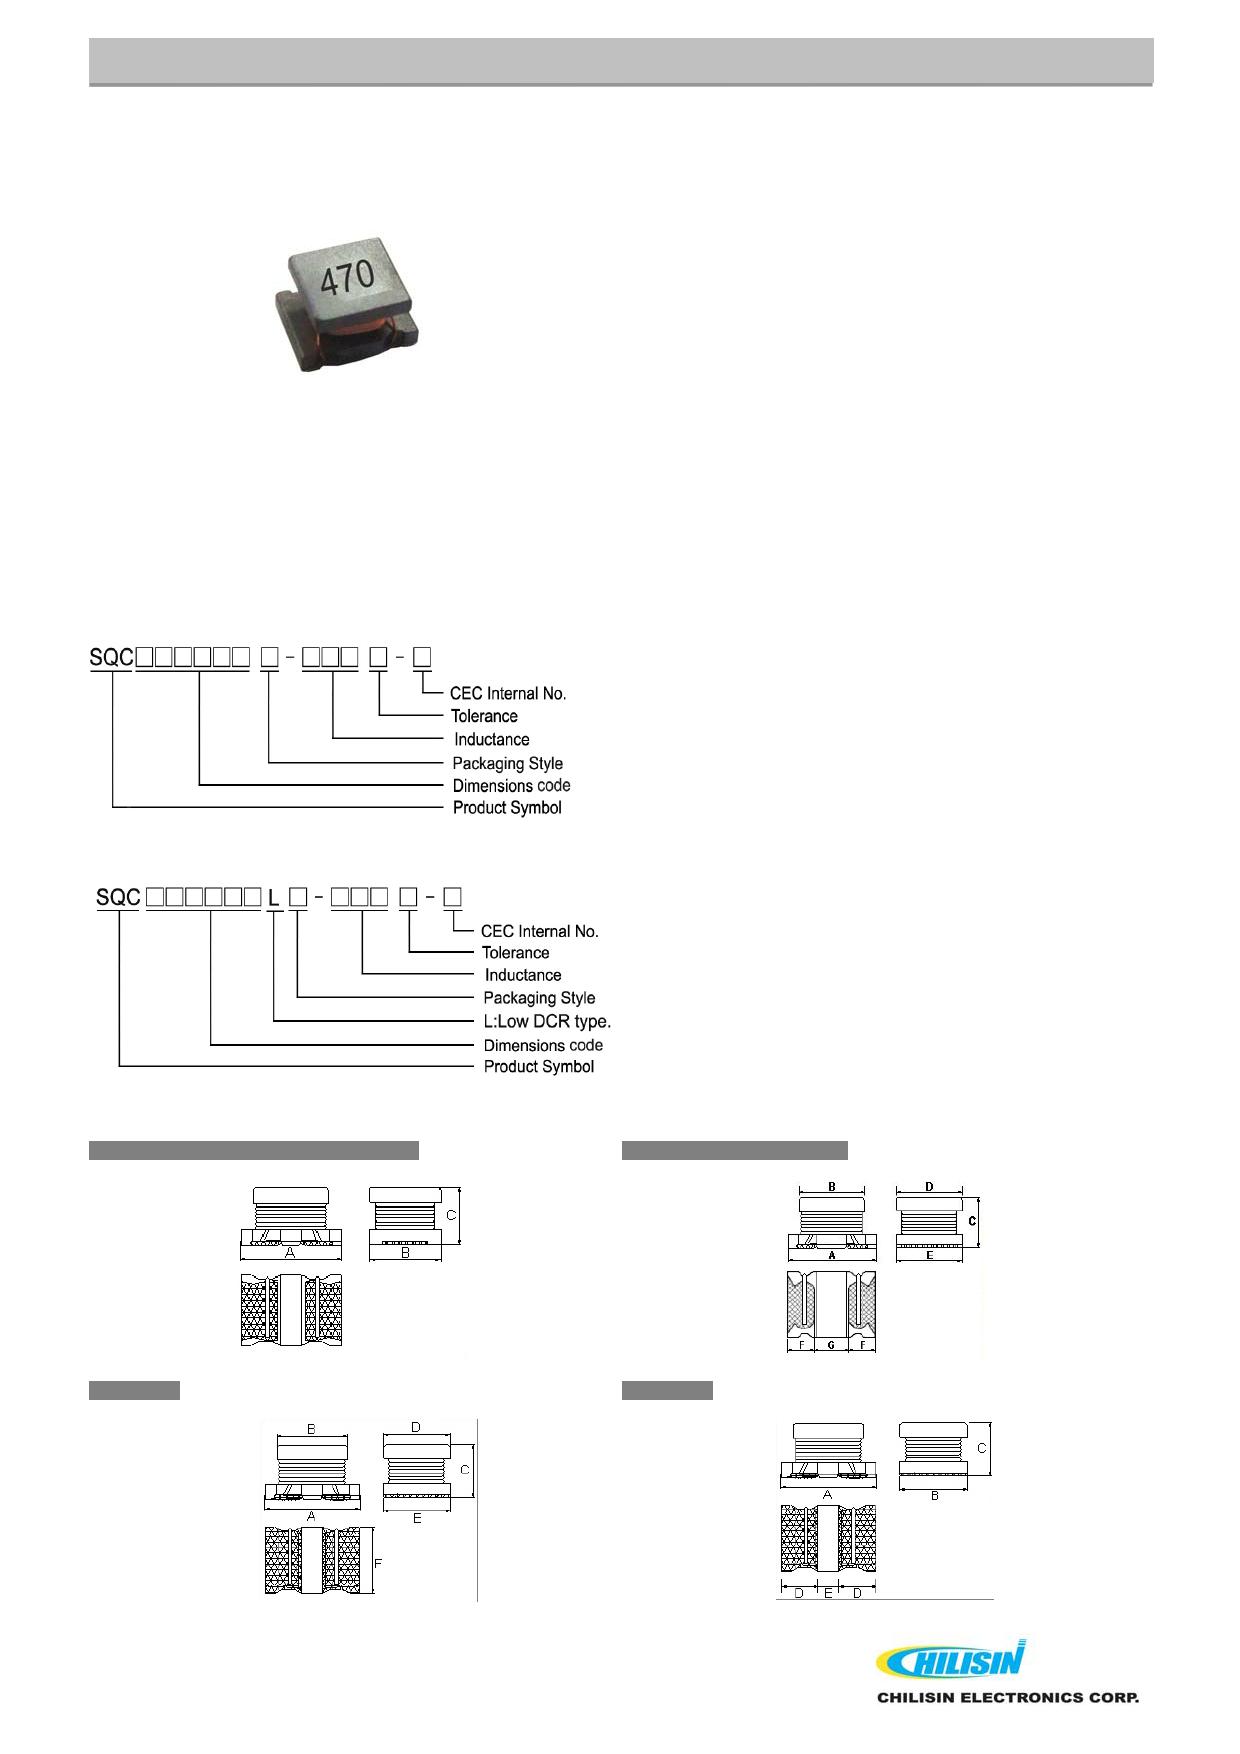 SQC322517HP 데이터시트 및 SQC322517HP PDF